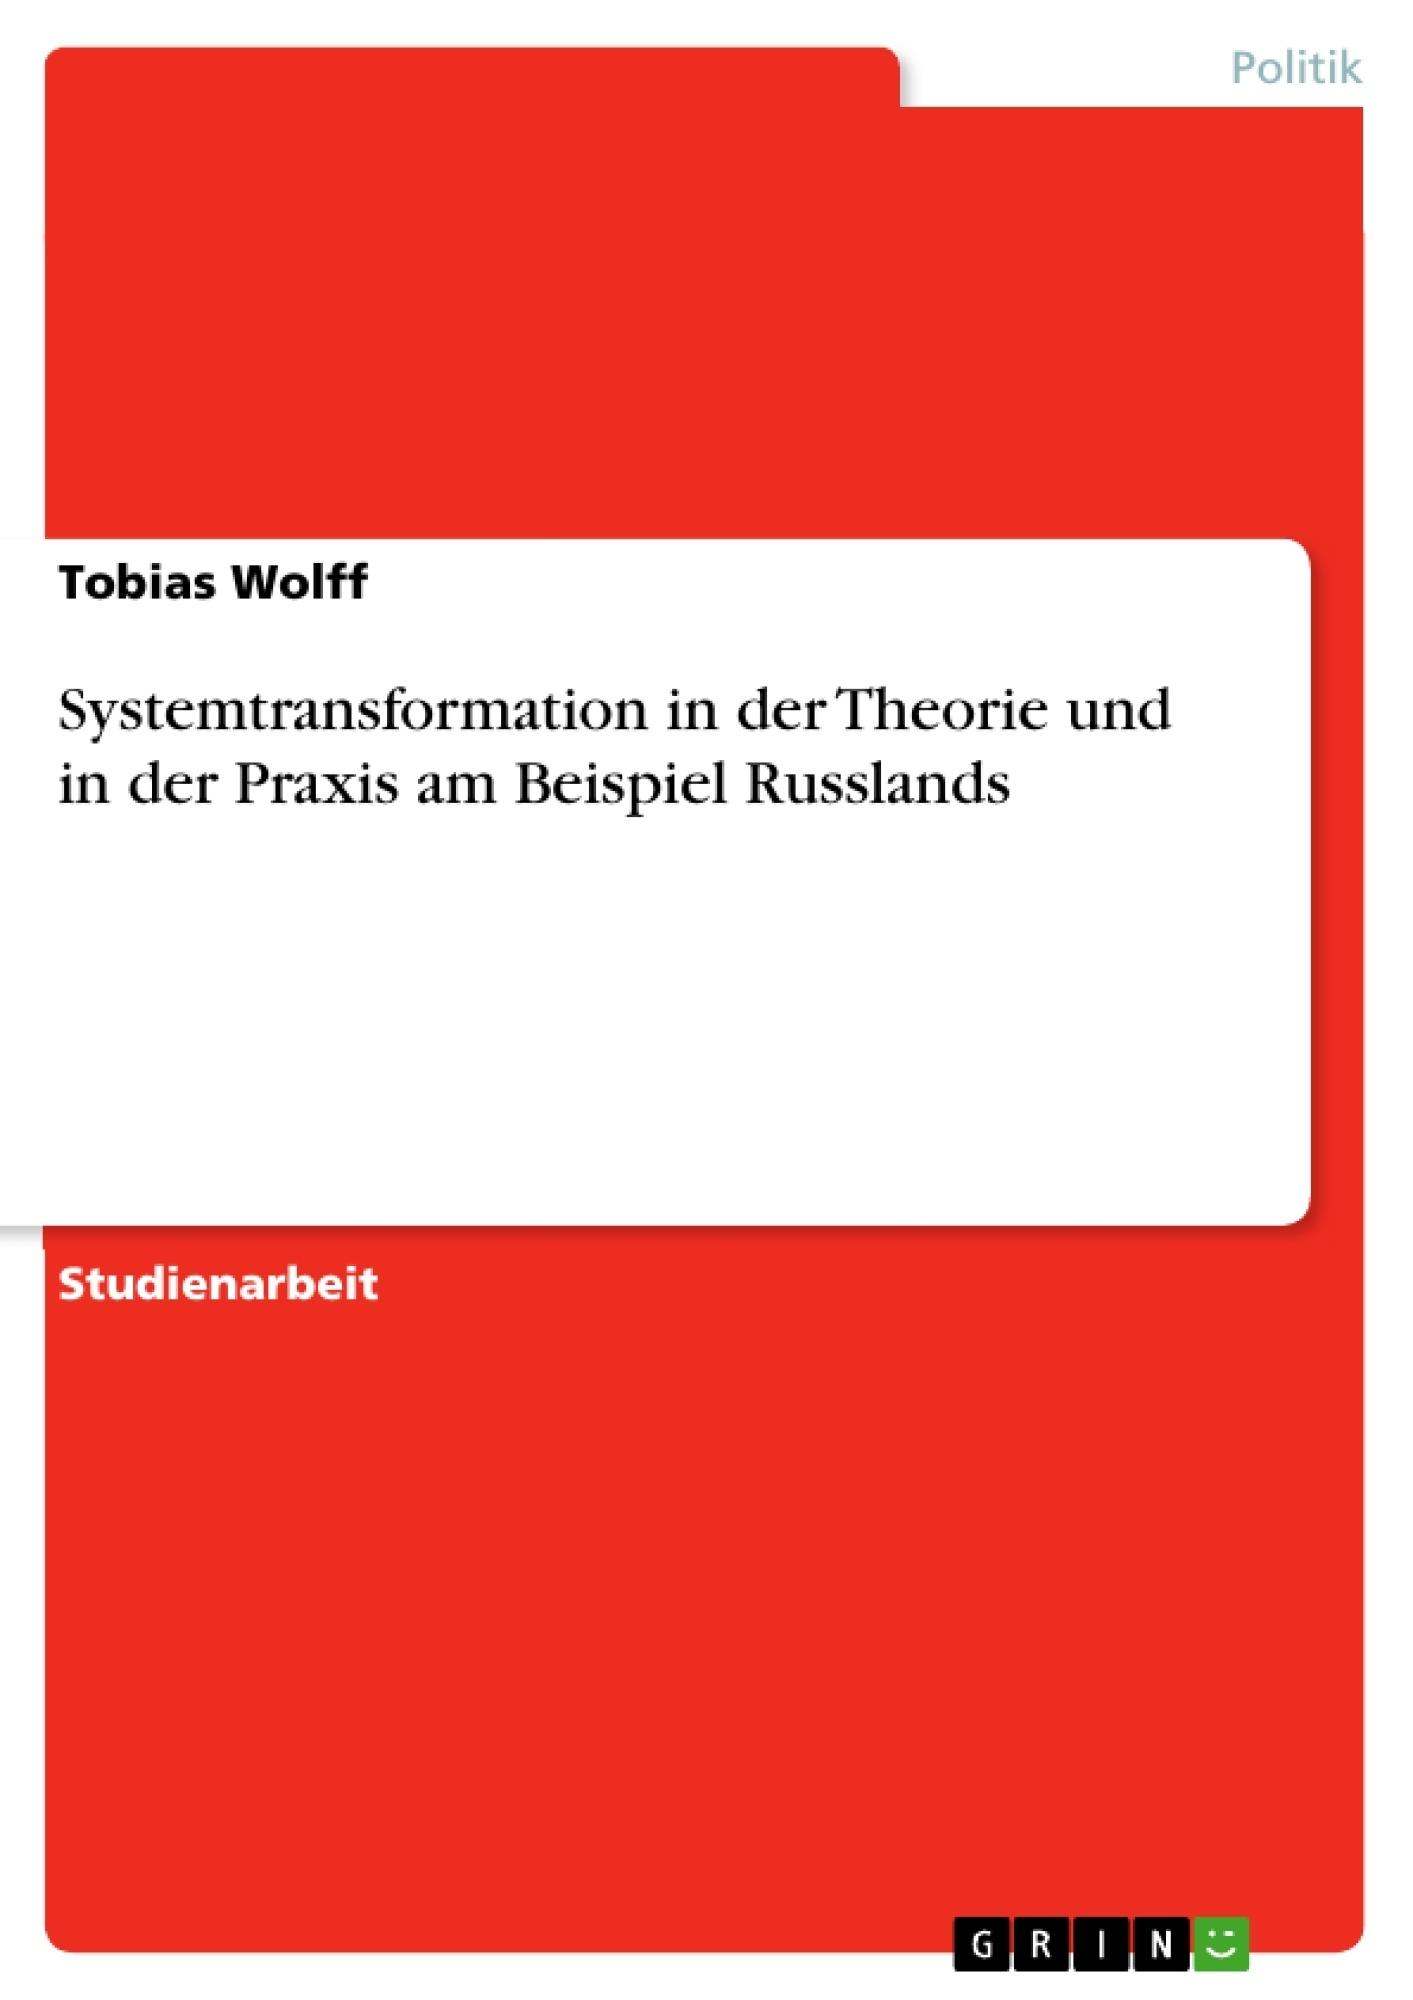 Titel: Systemtransformation in der Theorie und in der Praxis am Beispiel Russlands